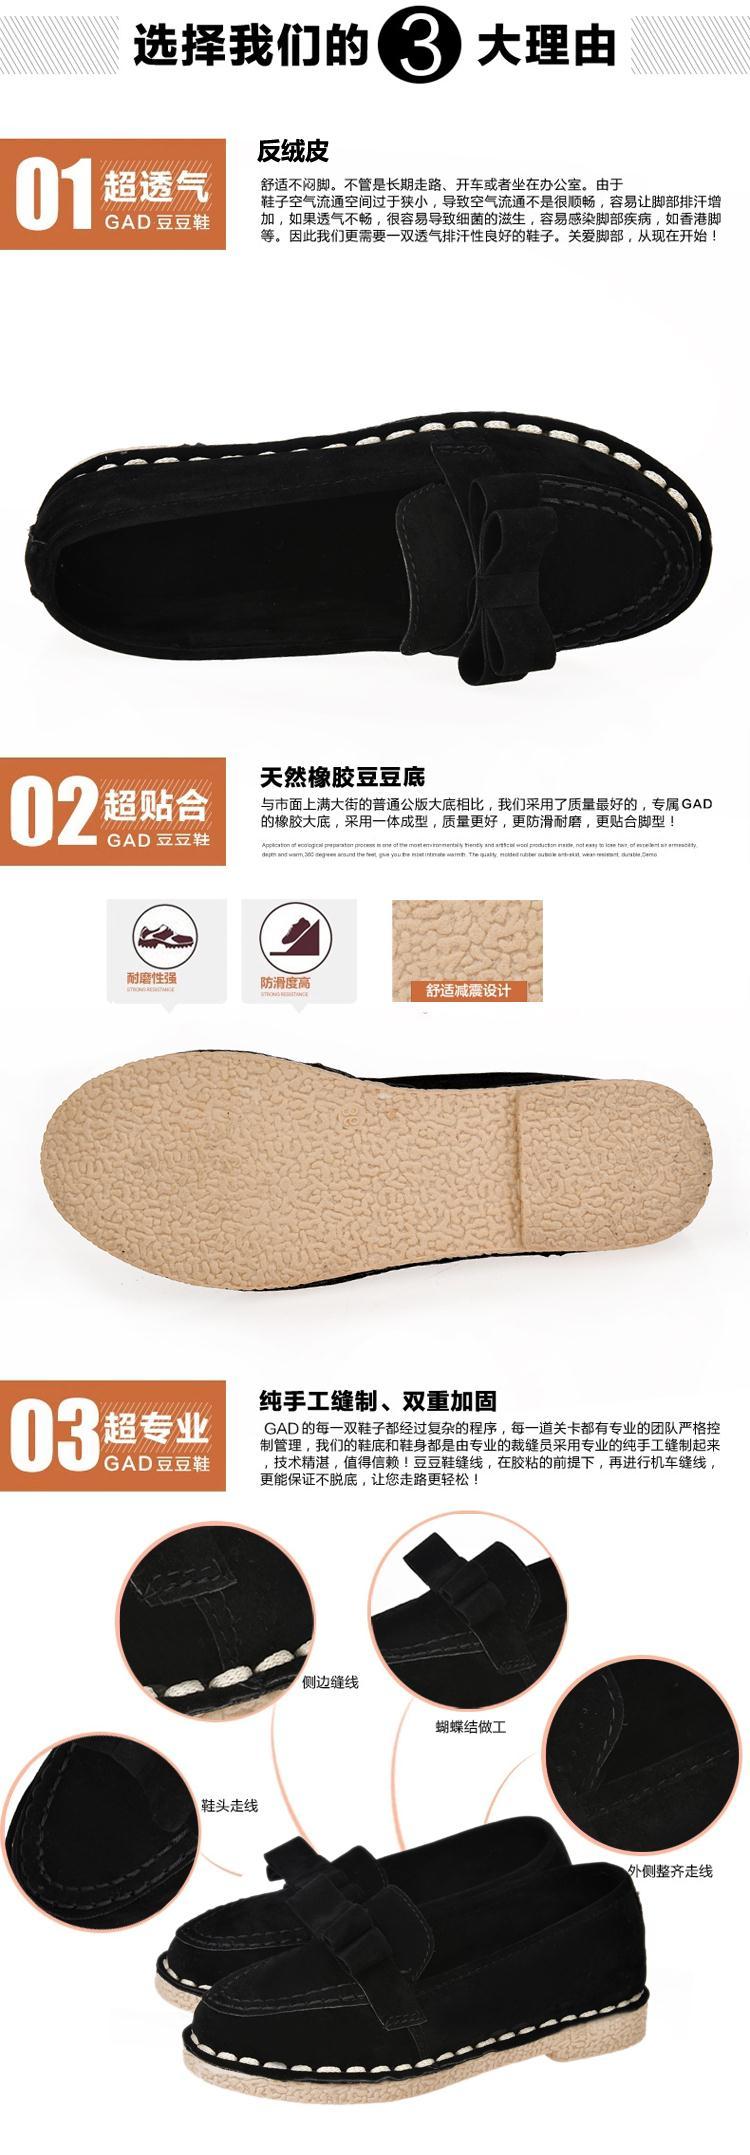 Супер модные женские оксфорд обувь мелкая рот замши плоские туфли комфортно сухожилия в конце досуг размер обуви 35-40 # B1992